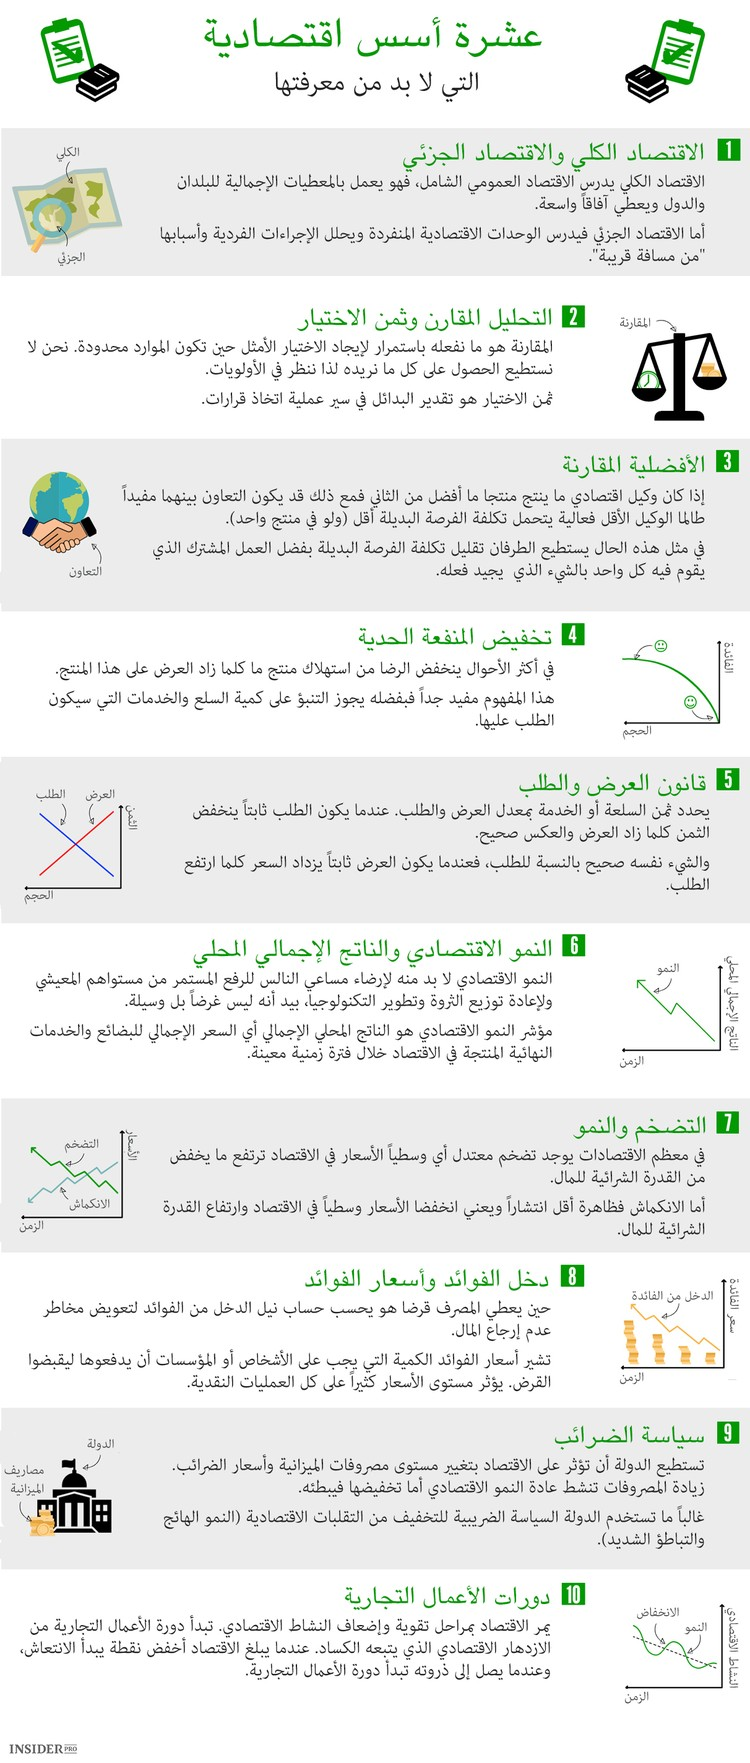 الأسس الاقتصادية العشرة التي تعرفهاو المبادئ الأساسية للاقتصاد والأعمال صورة واحدة